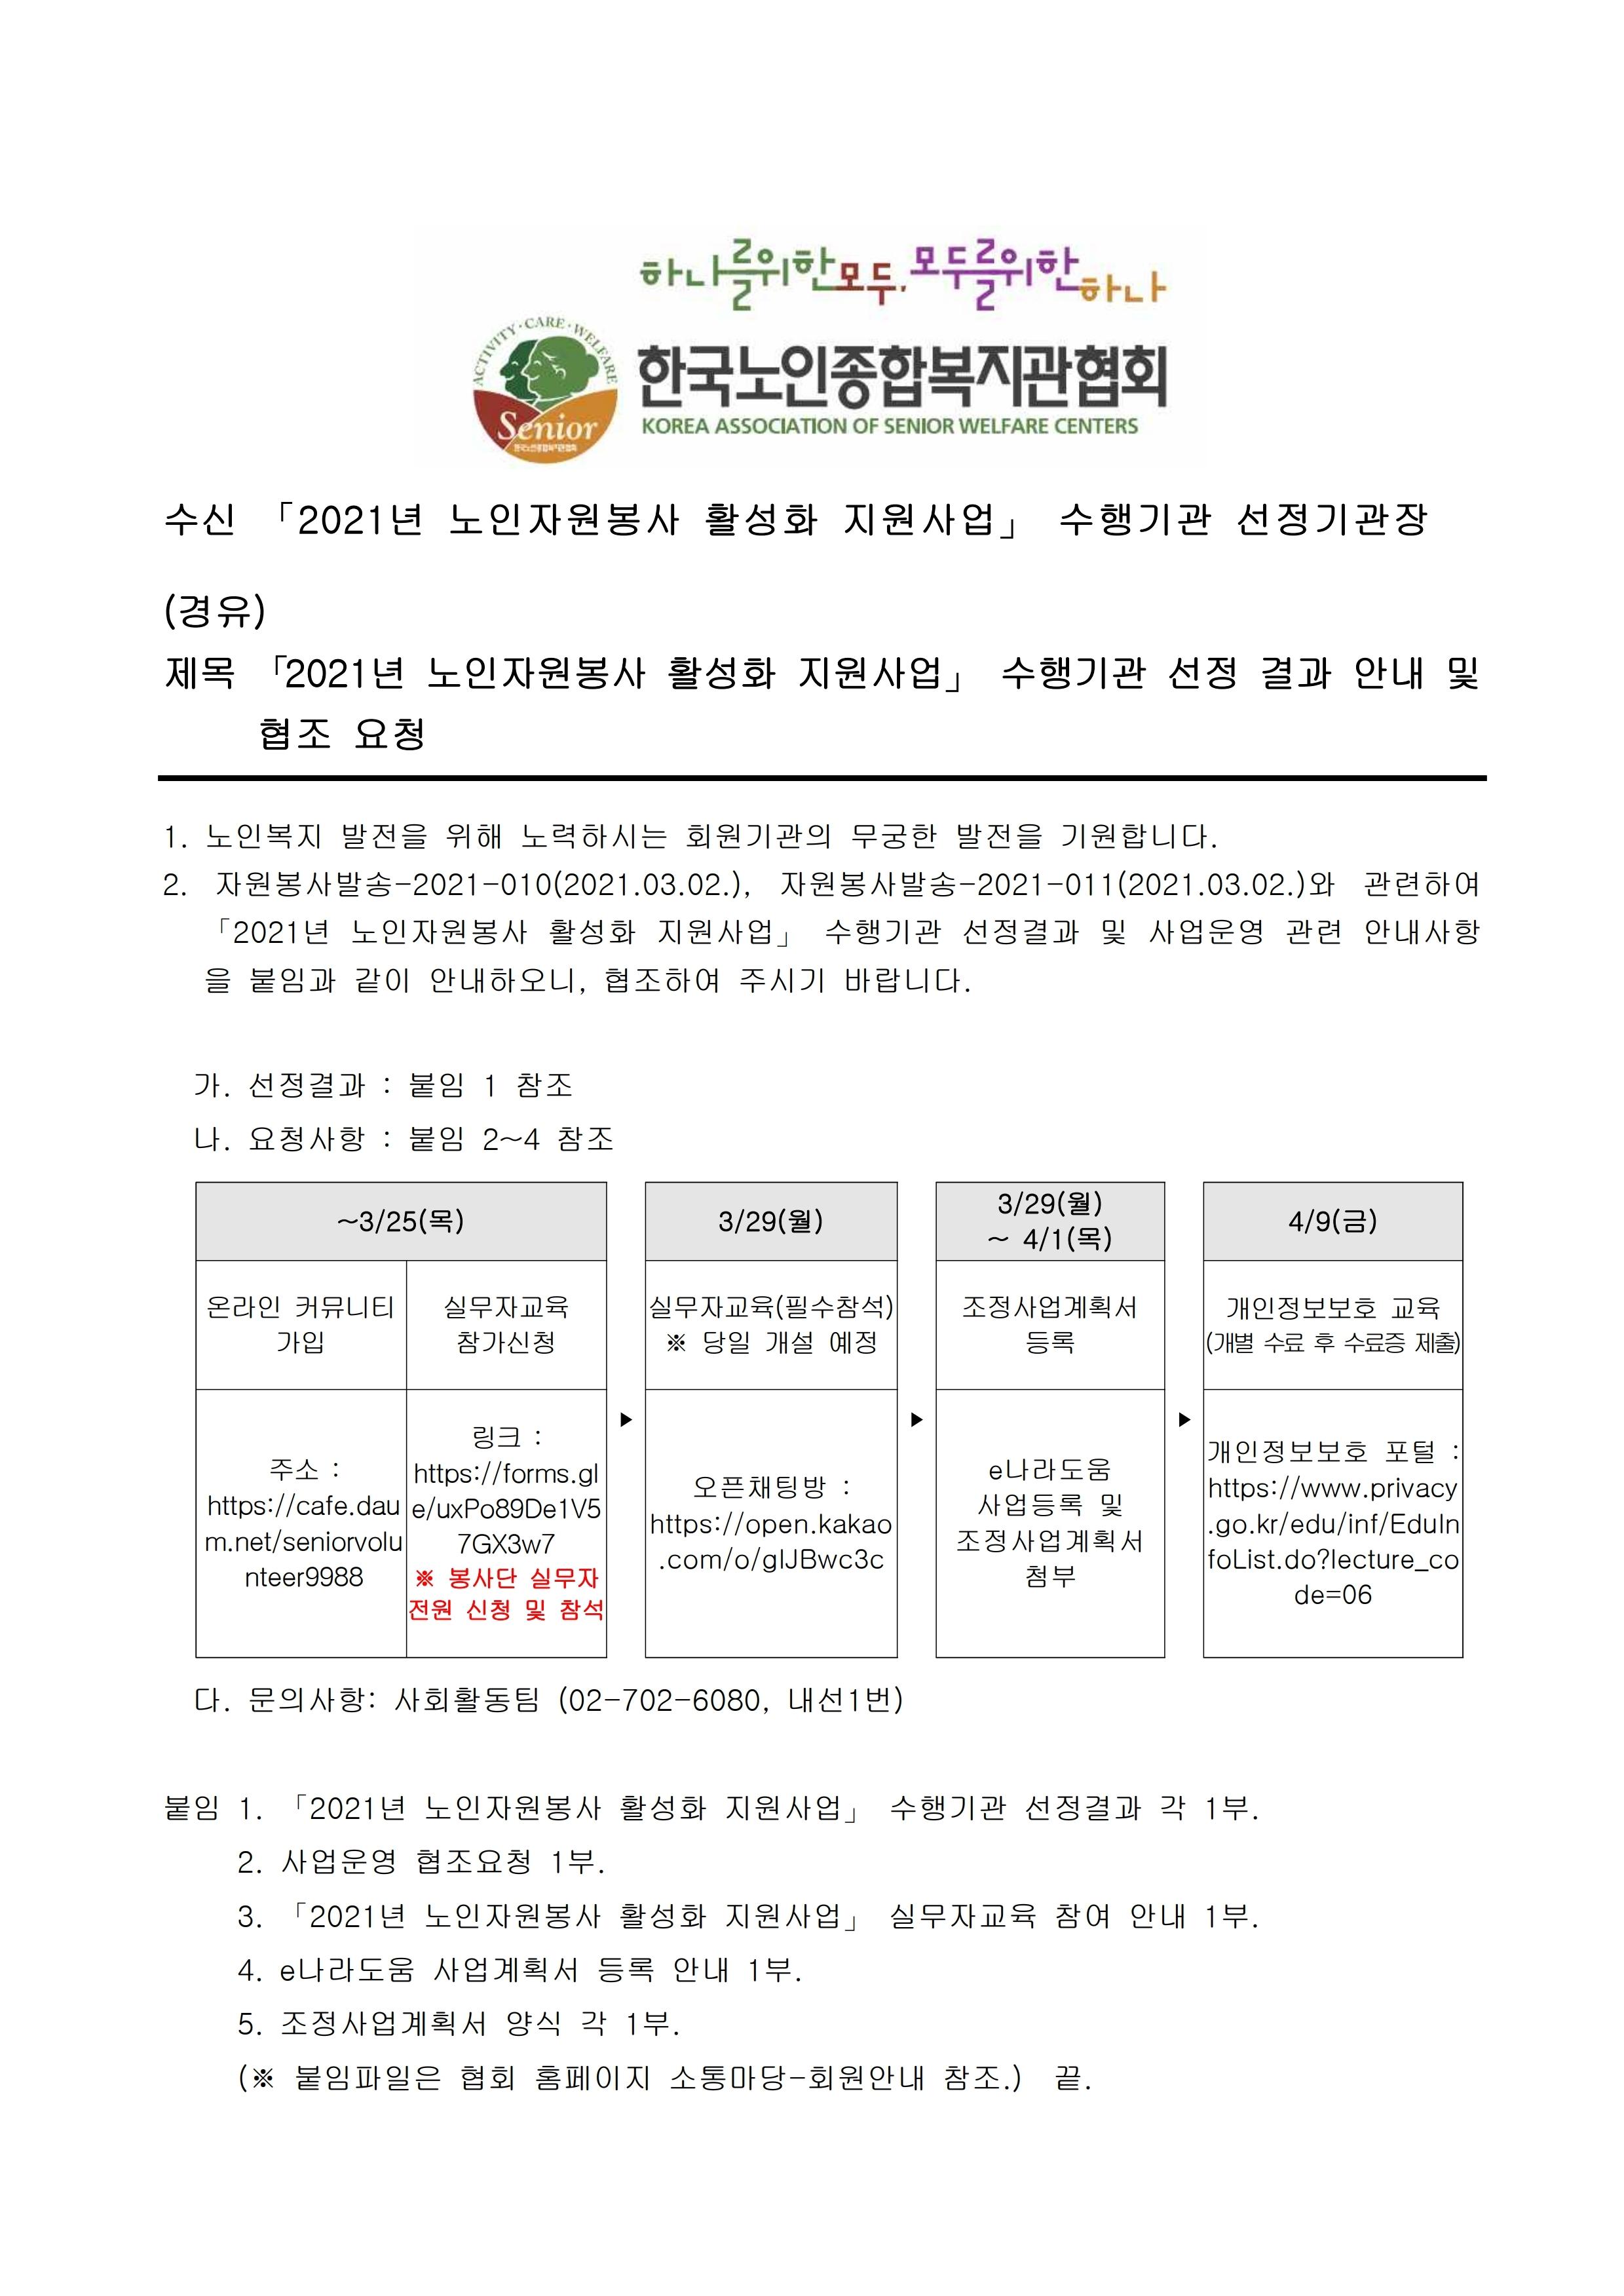 21.03.22. 「2021년 노인자원봉사 활성화 지원사업」 수행기관 선정 결과 안내.jpg